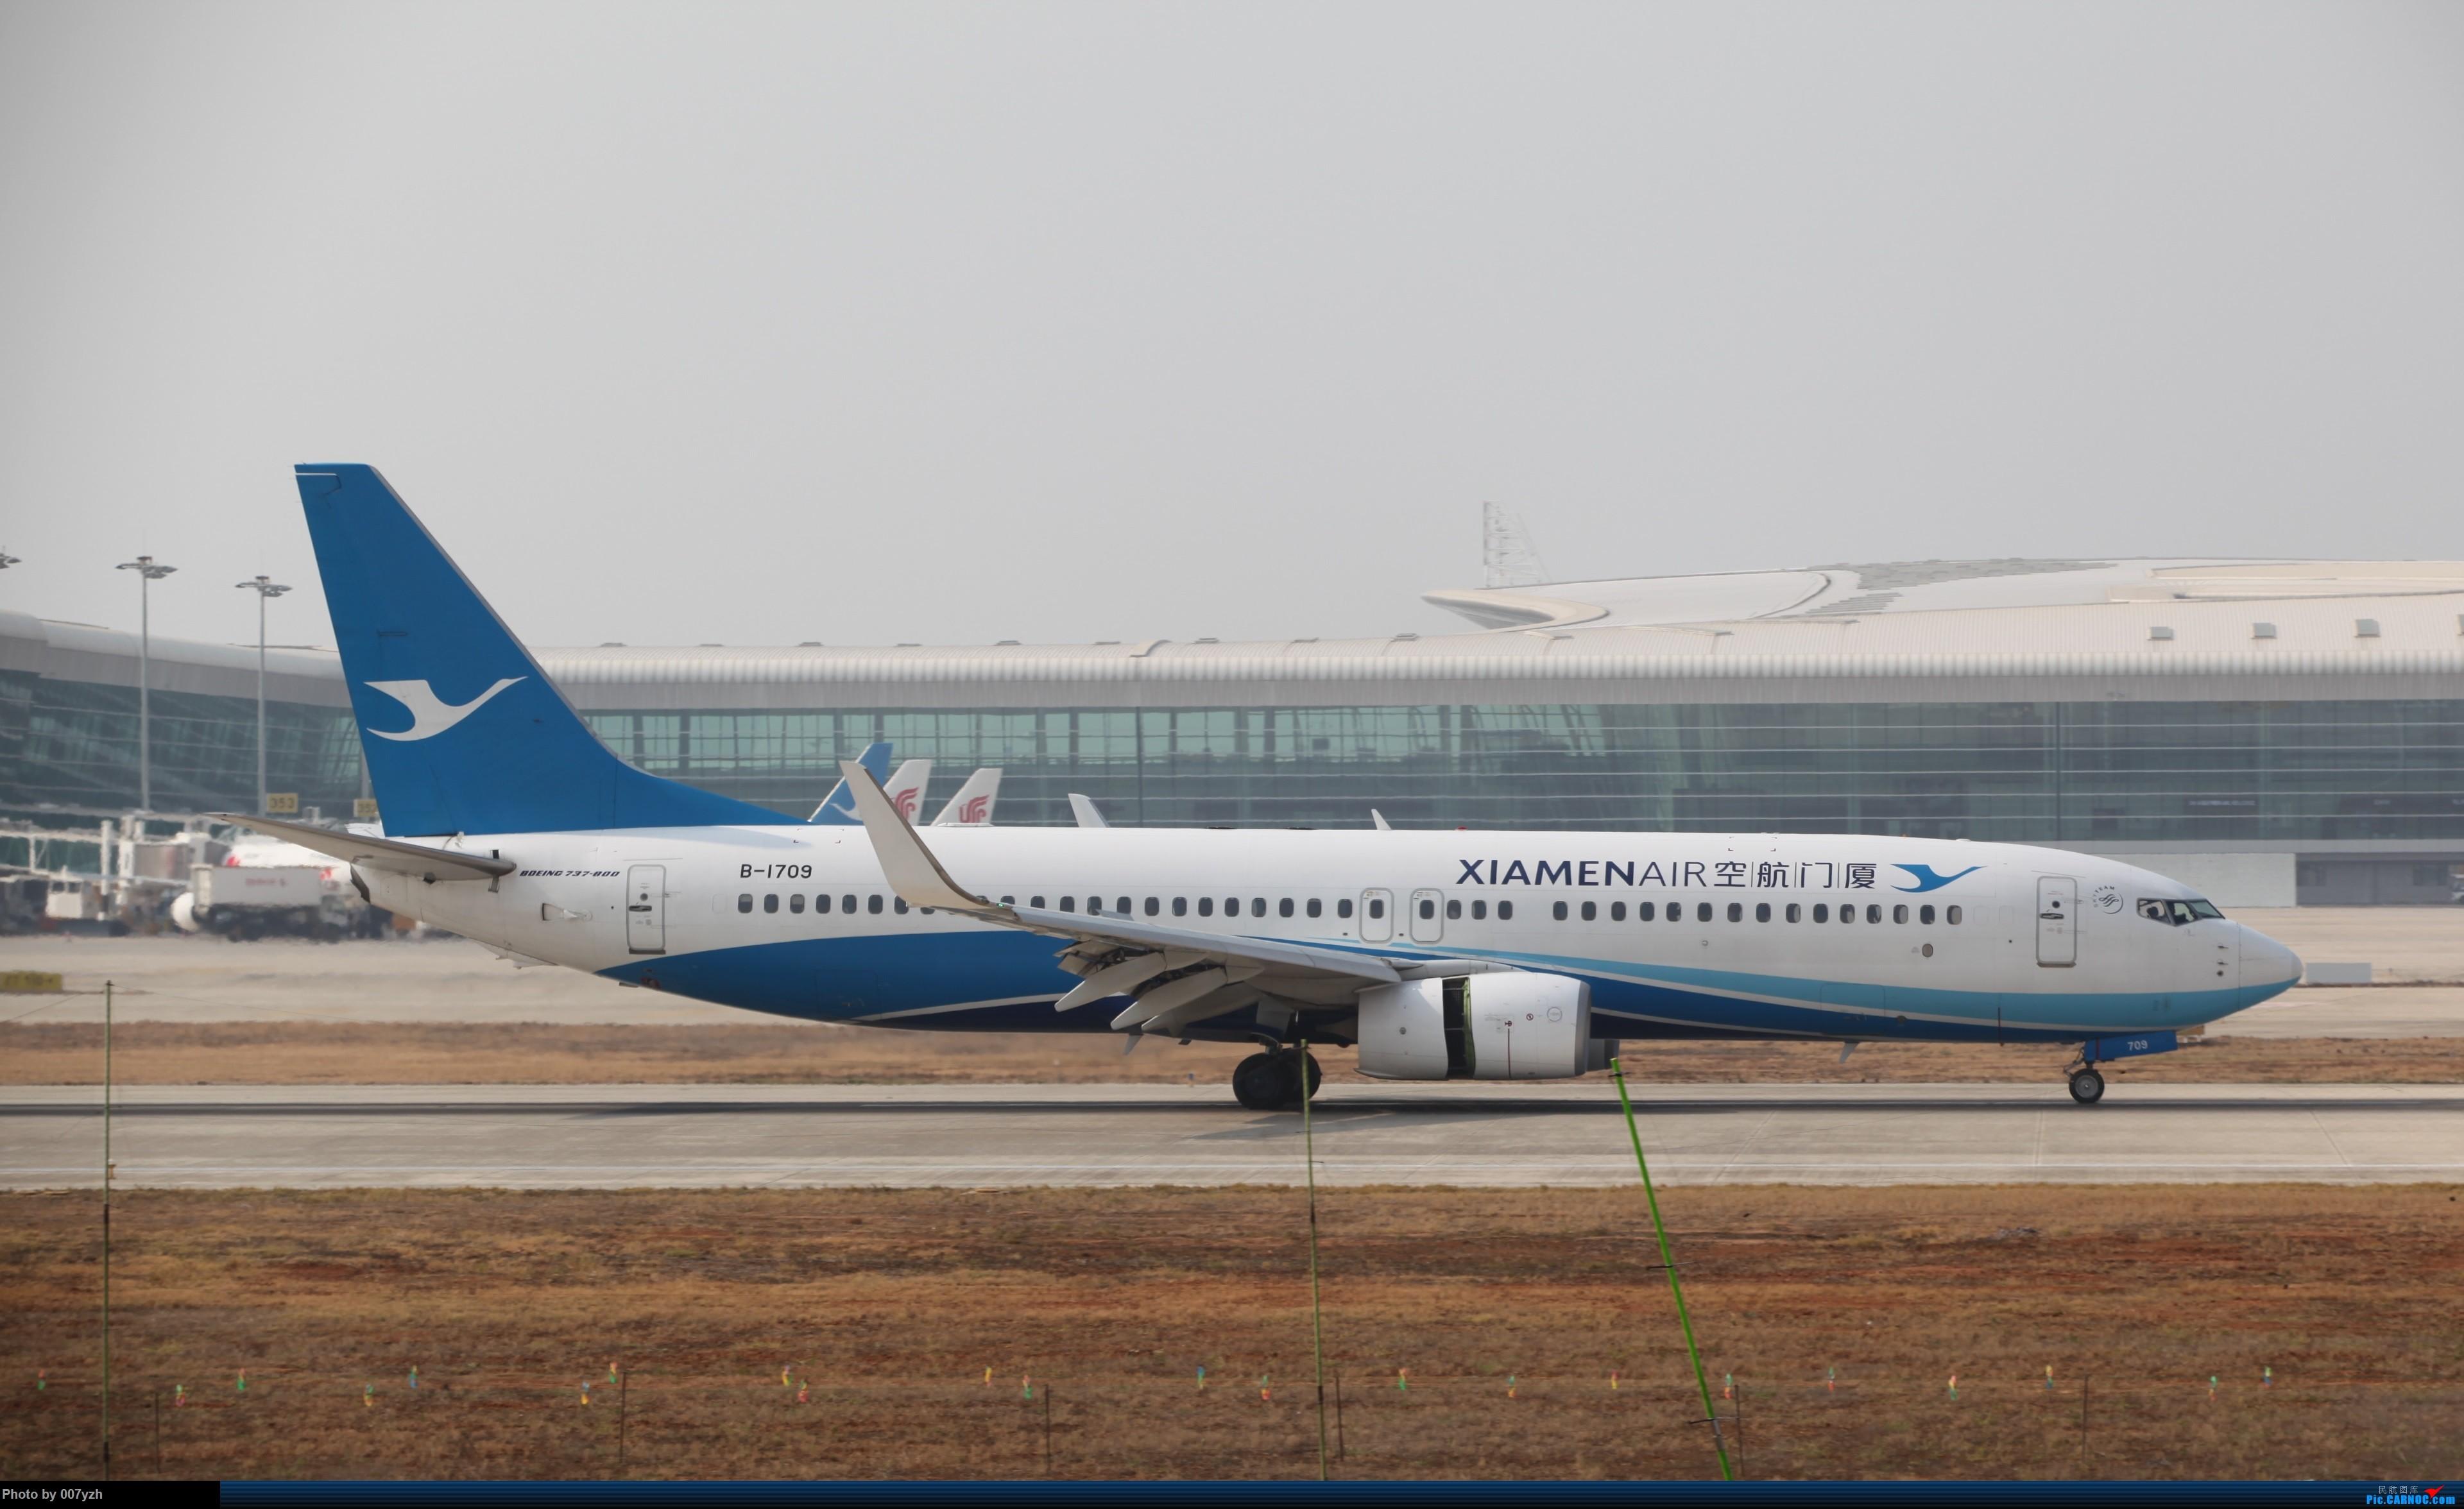 Re:[原创]WUH小拍,终于找到了在WUH拍机的组织 BOEING 737-800 B-1709 中国武汉天河国际机场